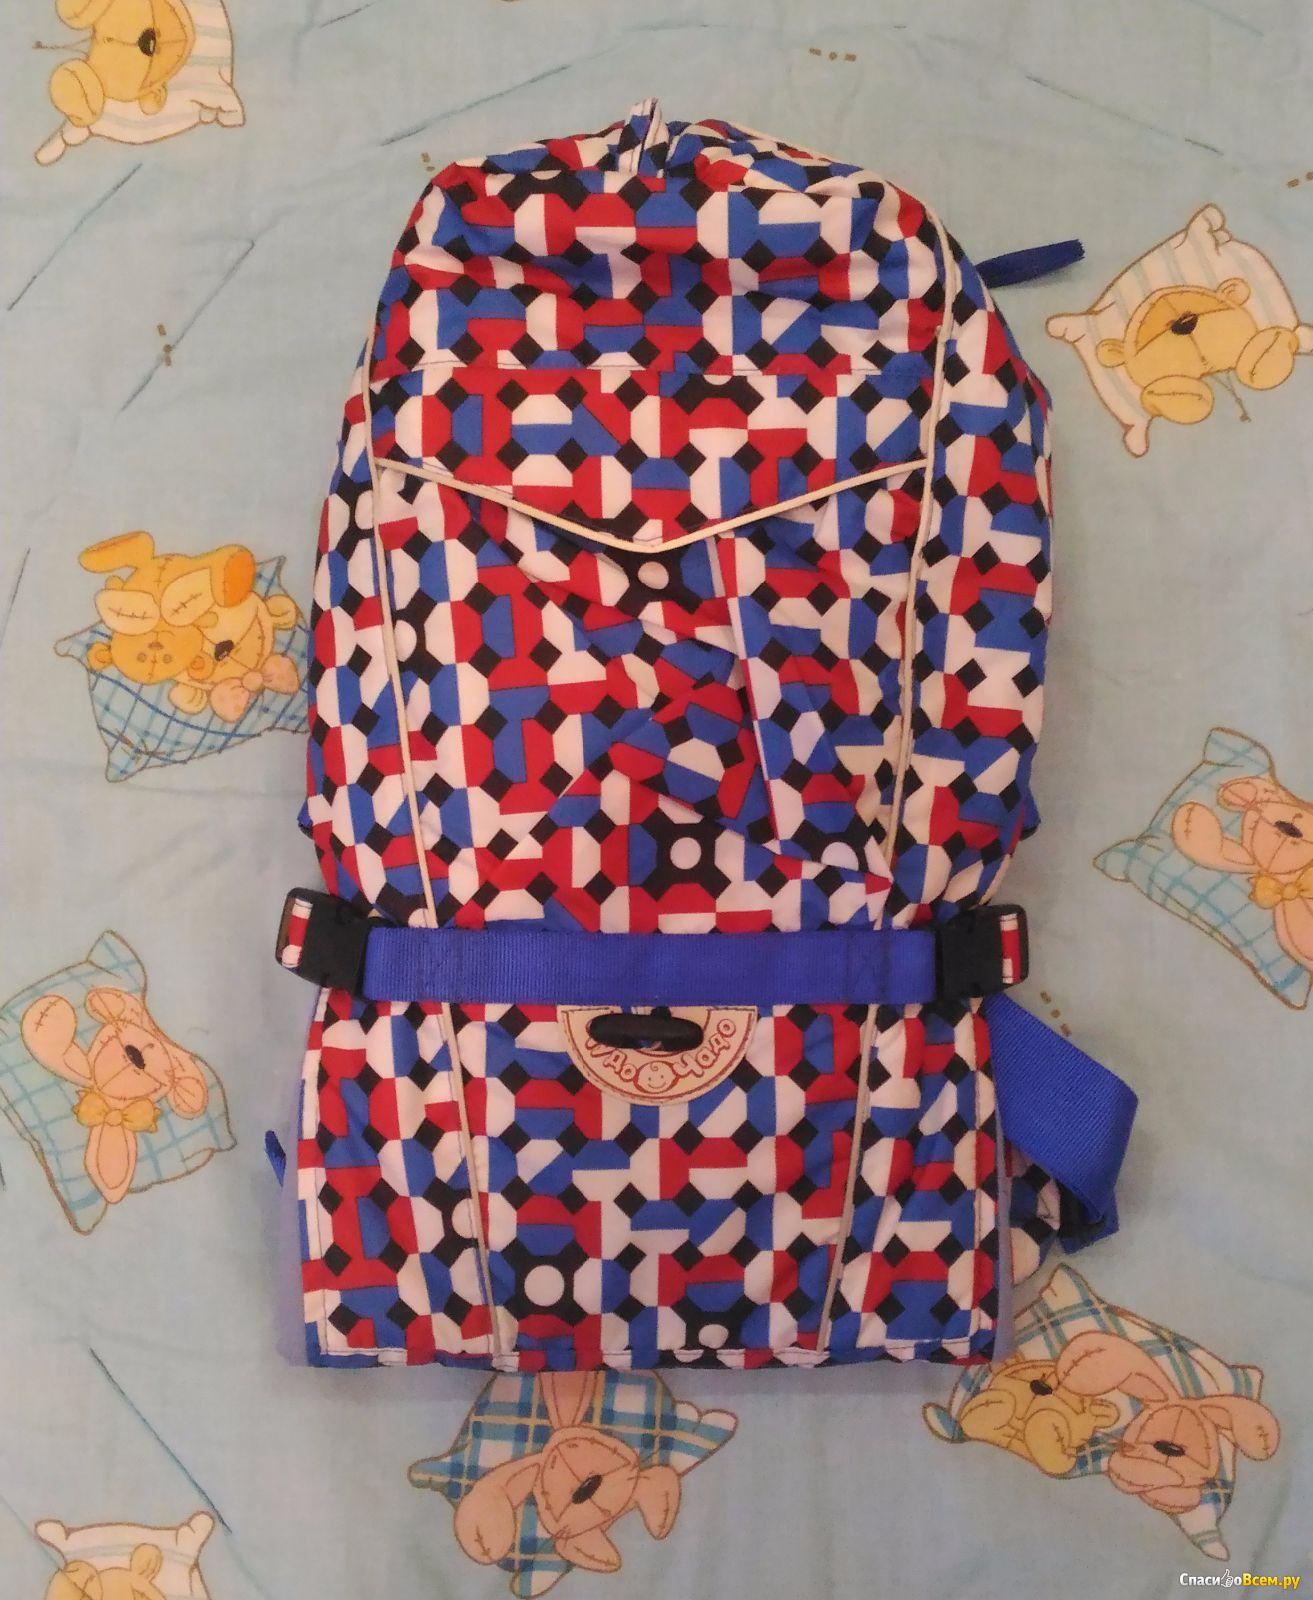 Использование рюкзака-кенгуру плюсы и минусы журна рюкзак